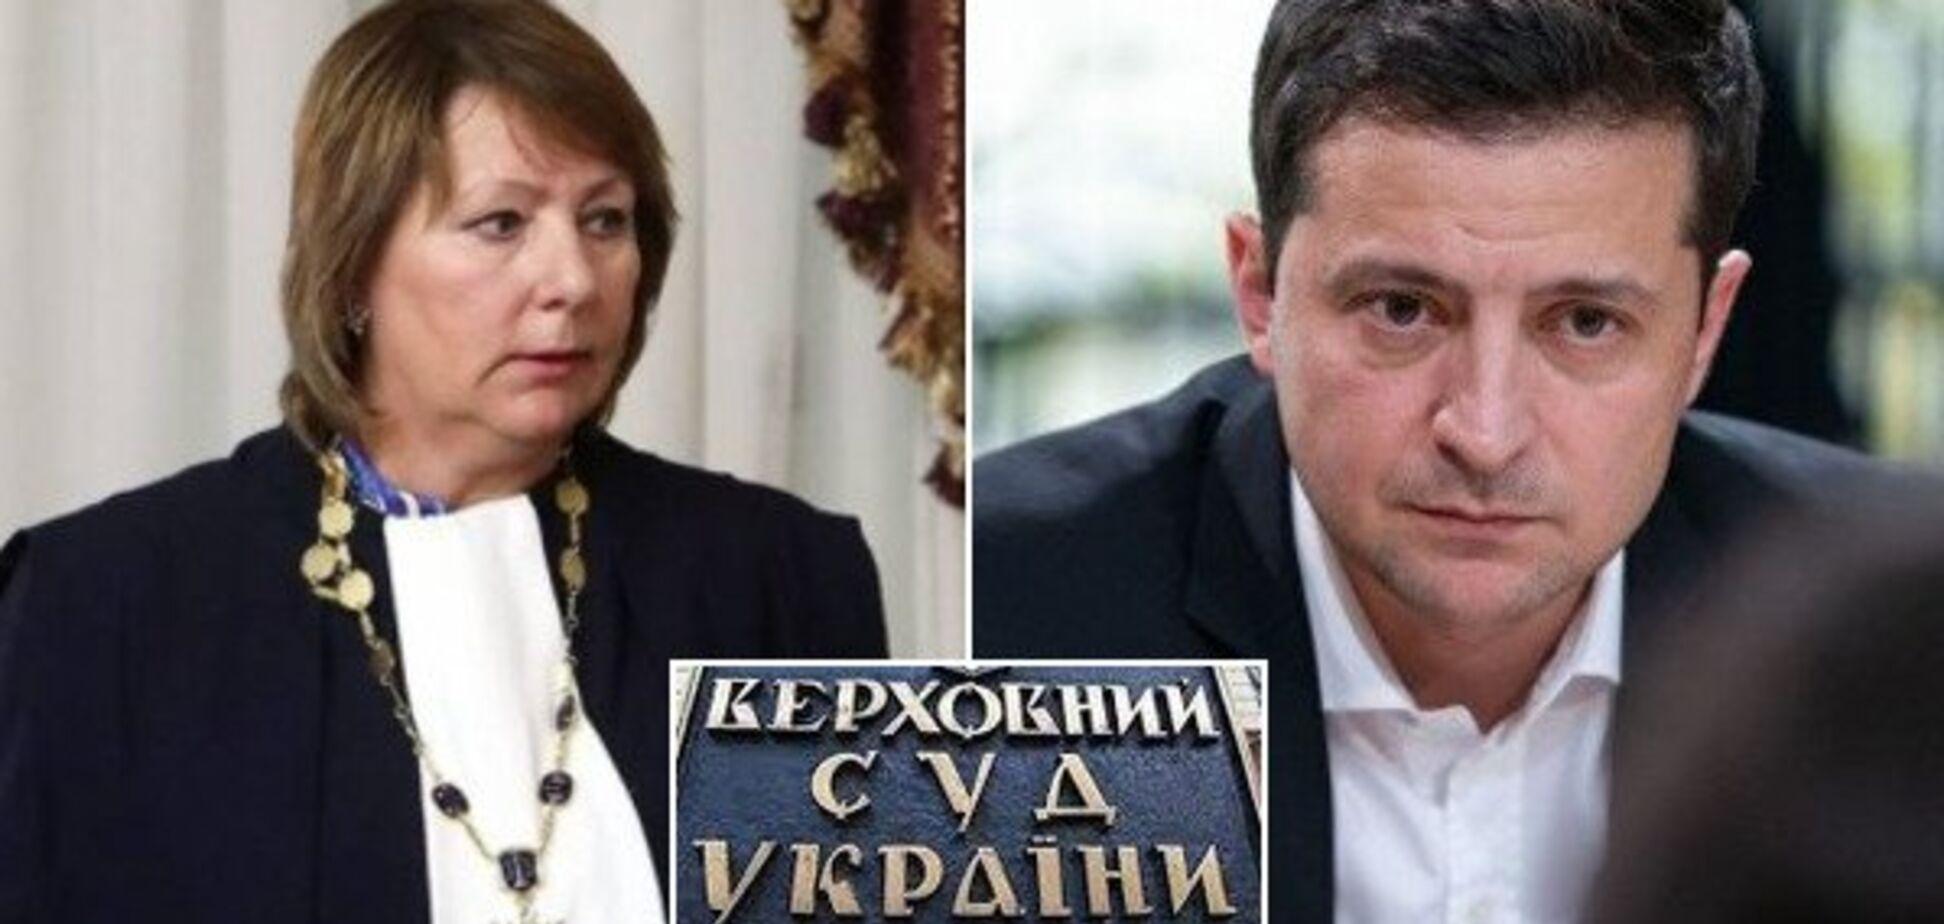 'Бешеное давление и запугивание!' Глава ВС разгромила судебную реформу Зеленского